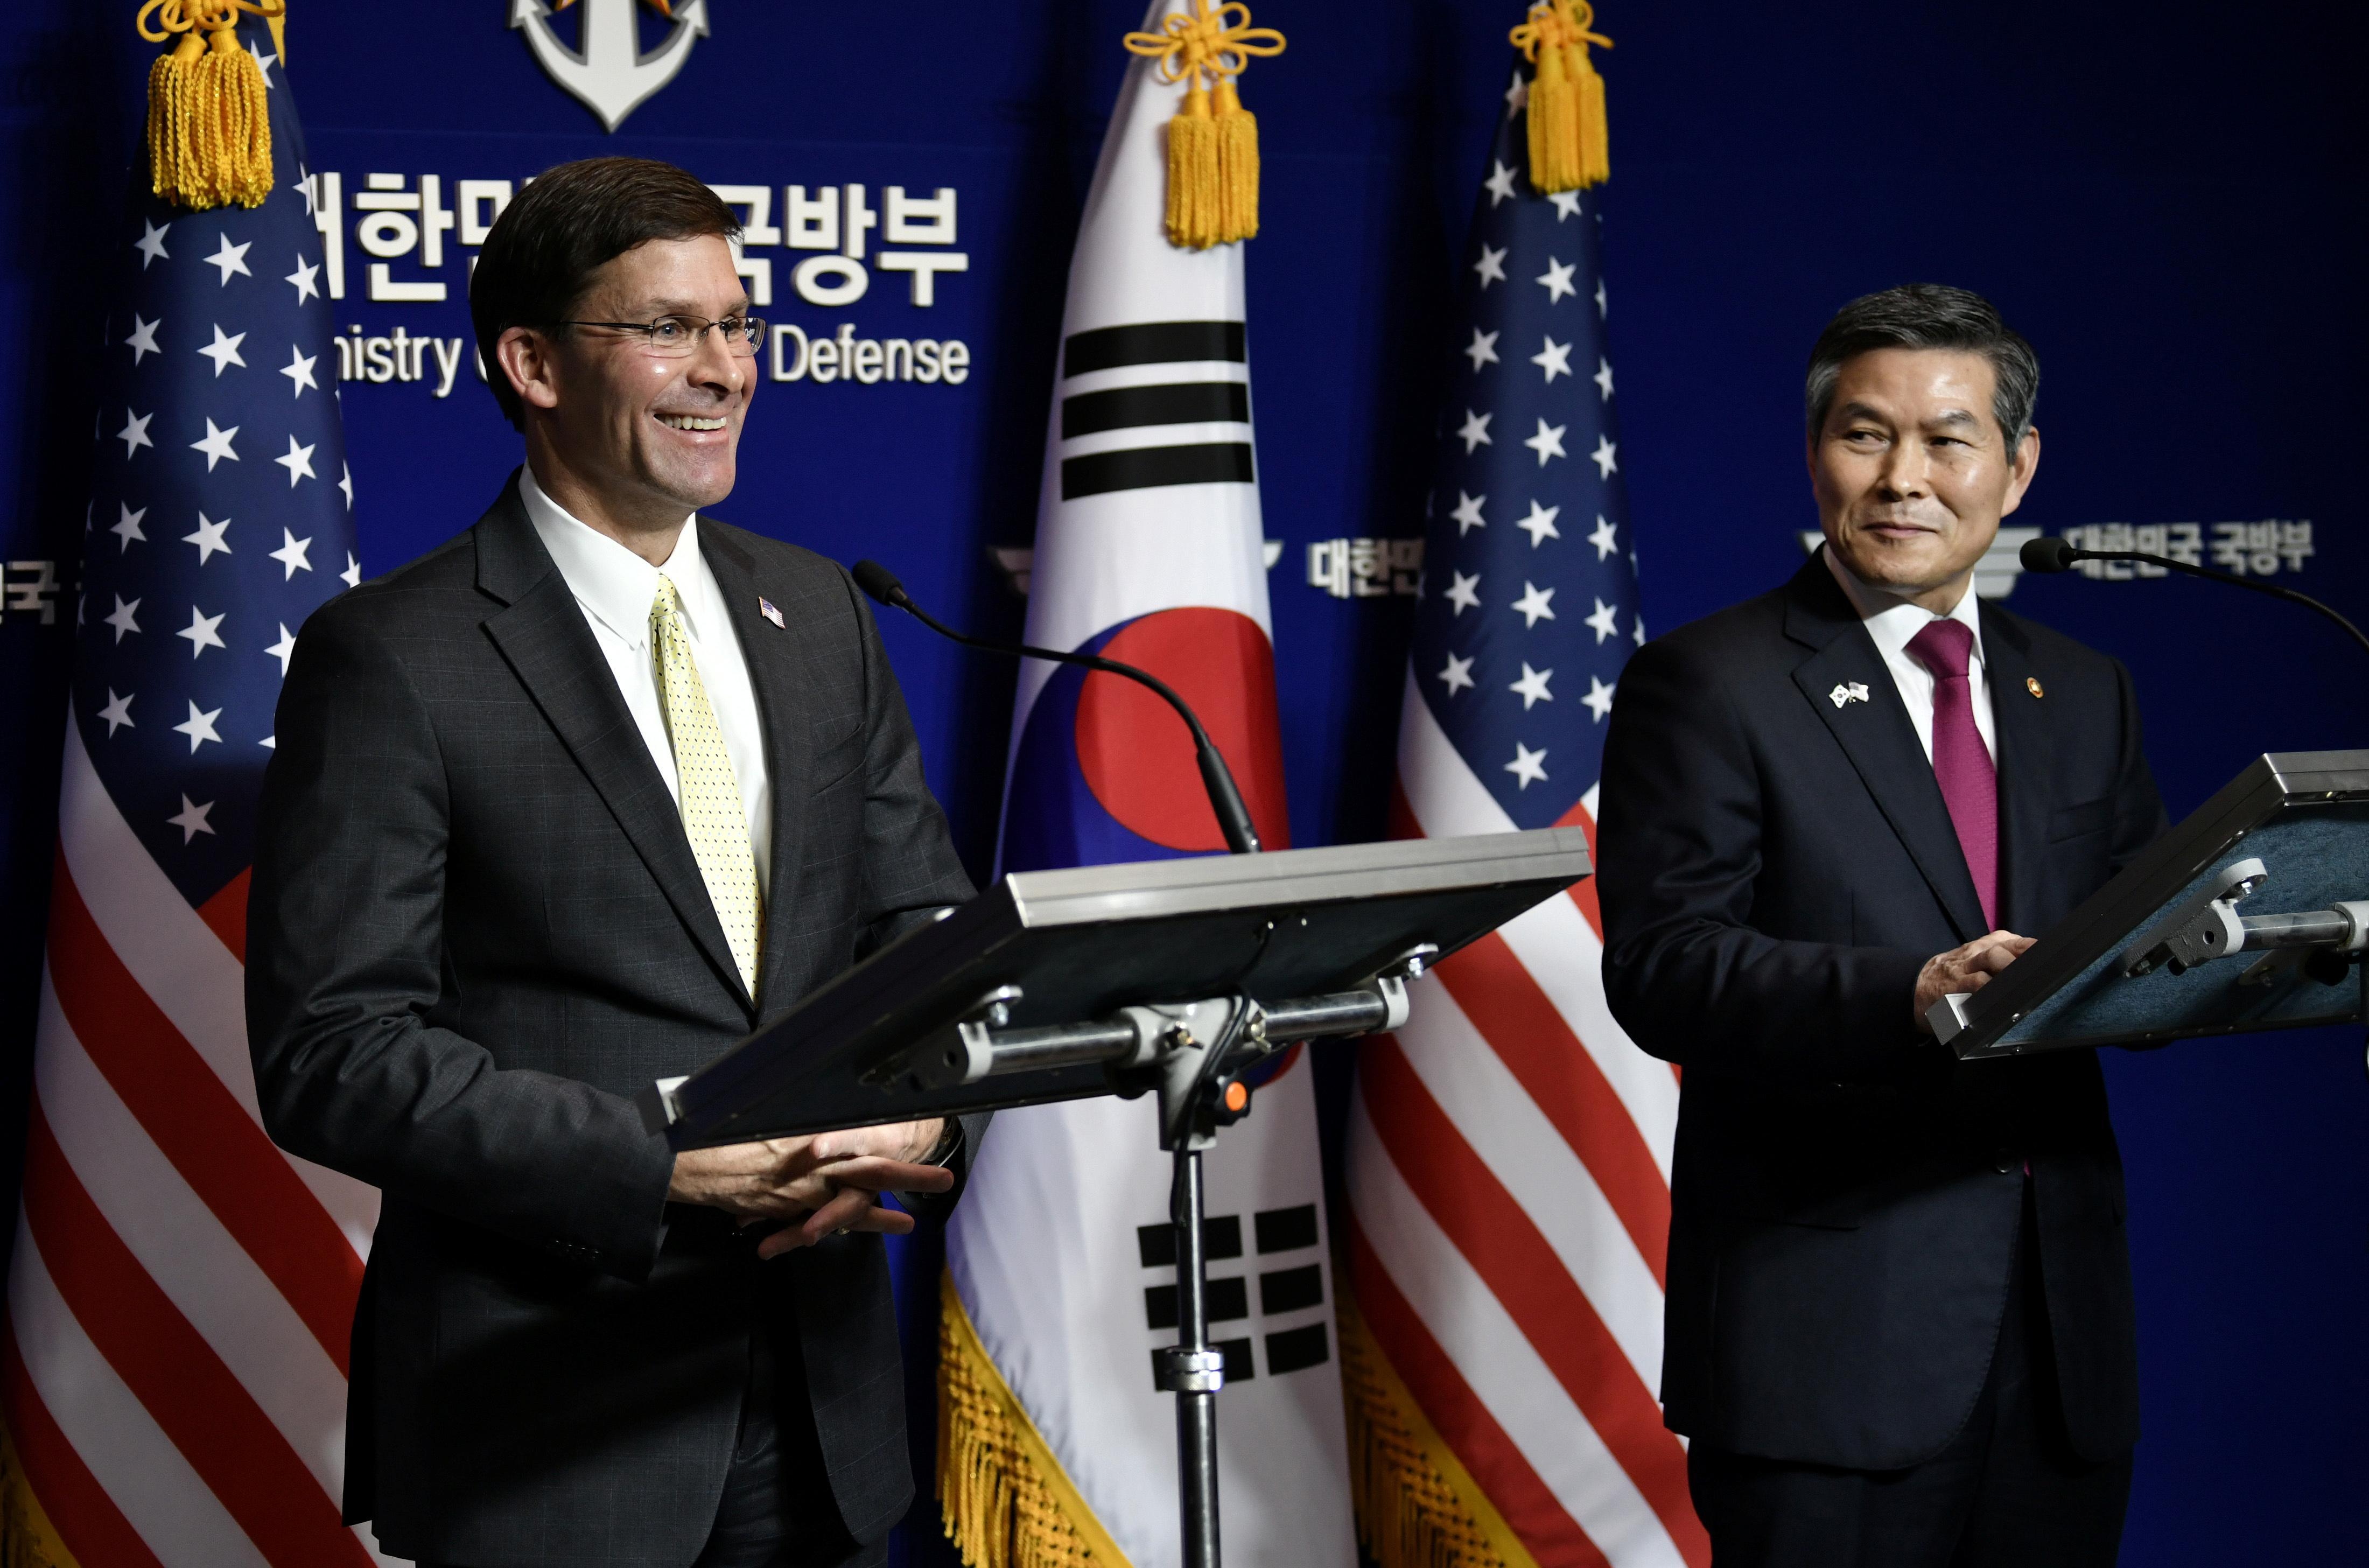 L'Esper du Pentagone affirme qu'il est crucial que la Corée du Sud paye plus pour ses troupes américaines